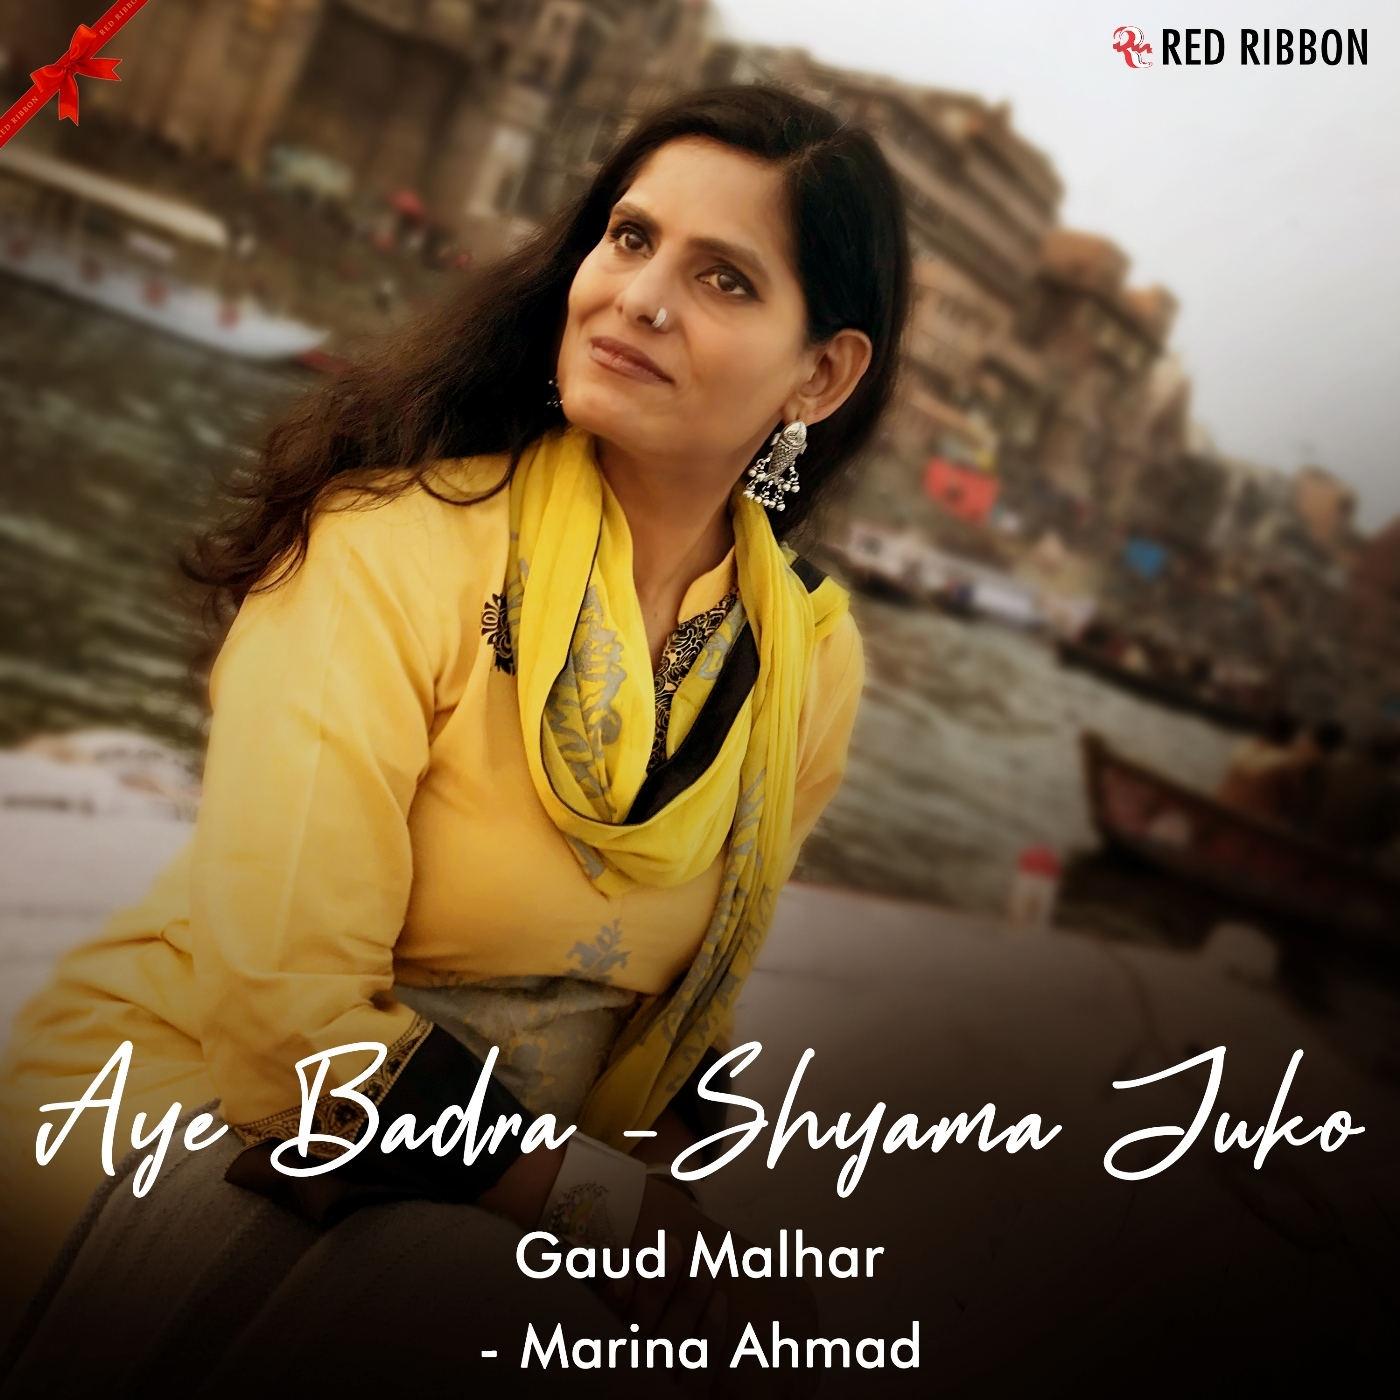 Aye Badra - Shyama Juko - Gaud Malhar songs